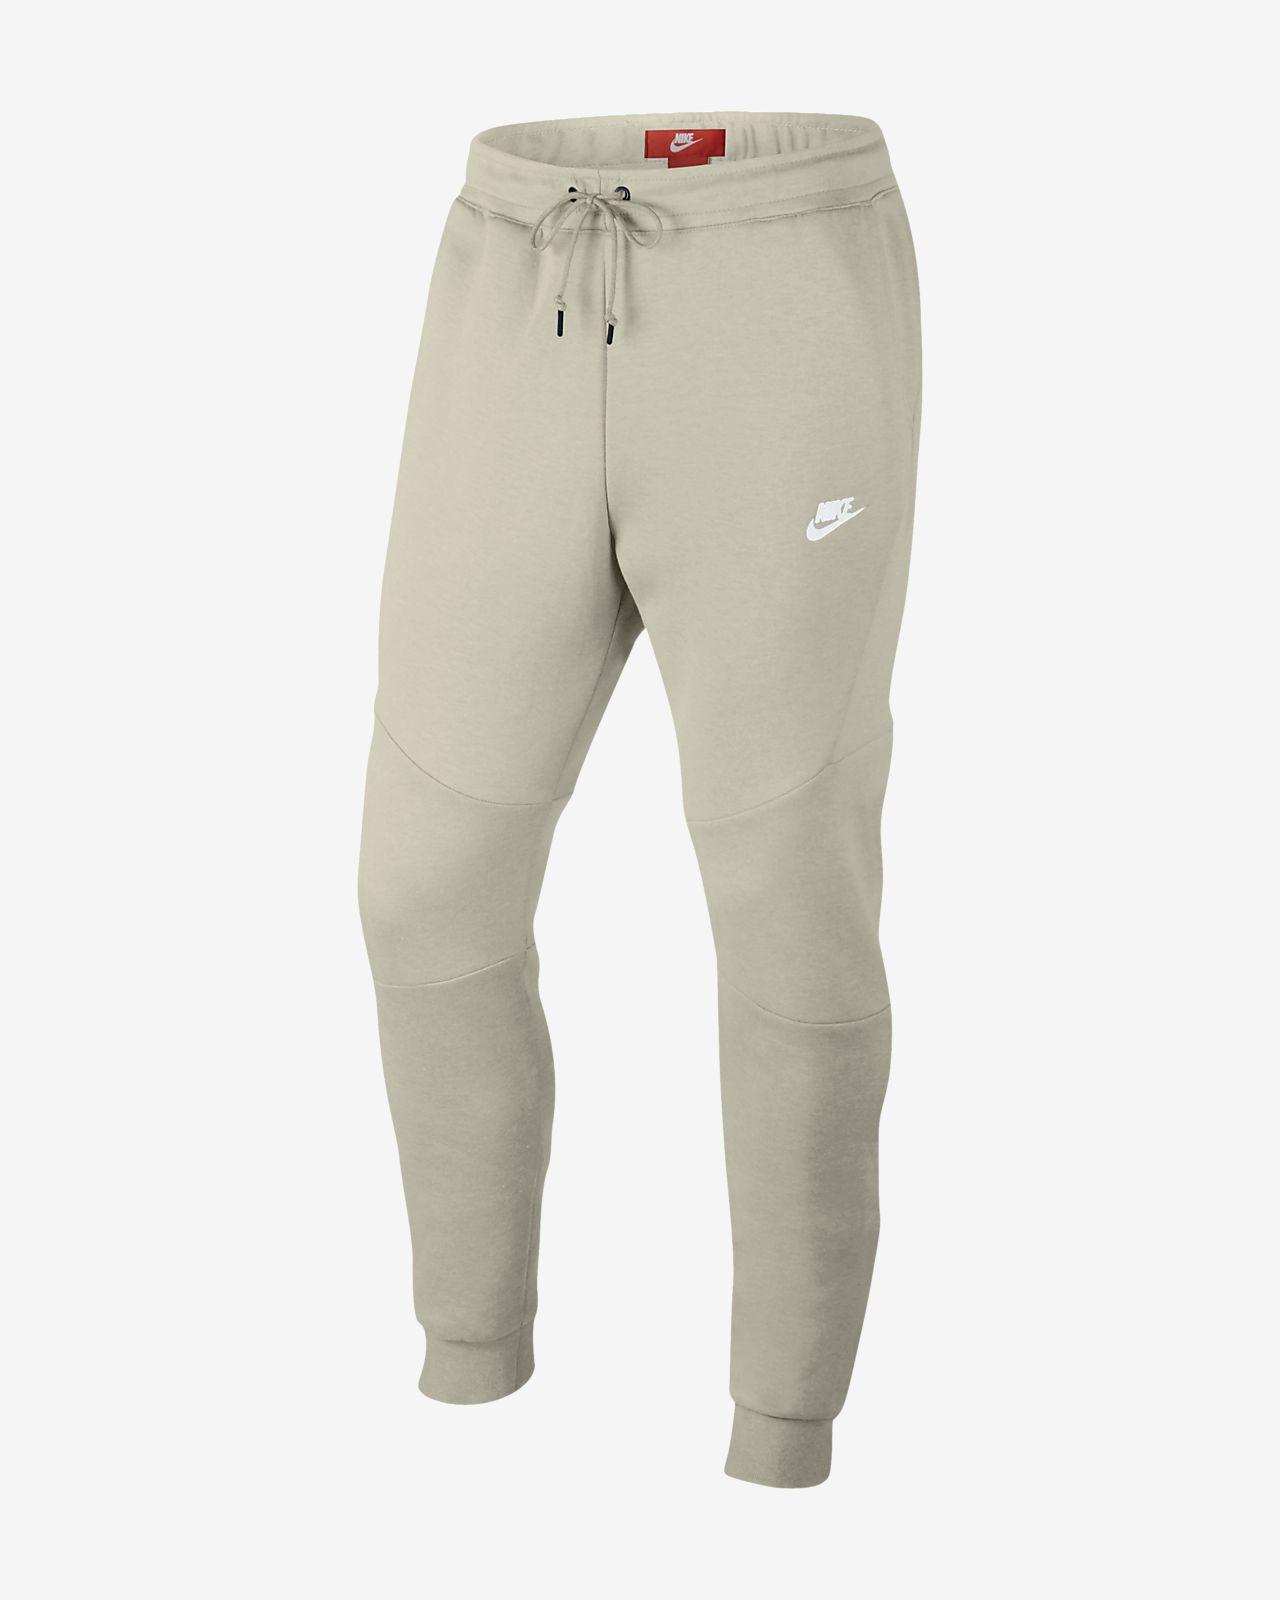 9467cc3edbb Pantalon de jogging Nike Sportswear Tech Fleece pour Homme. Nike.com FR